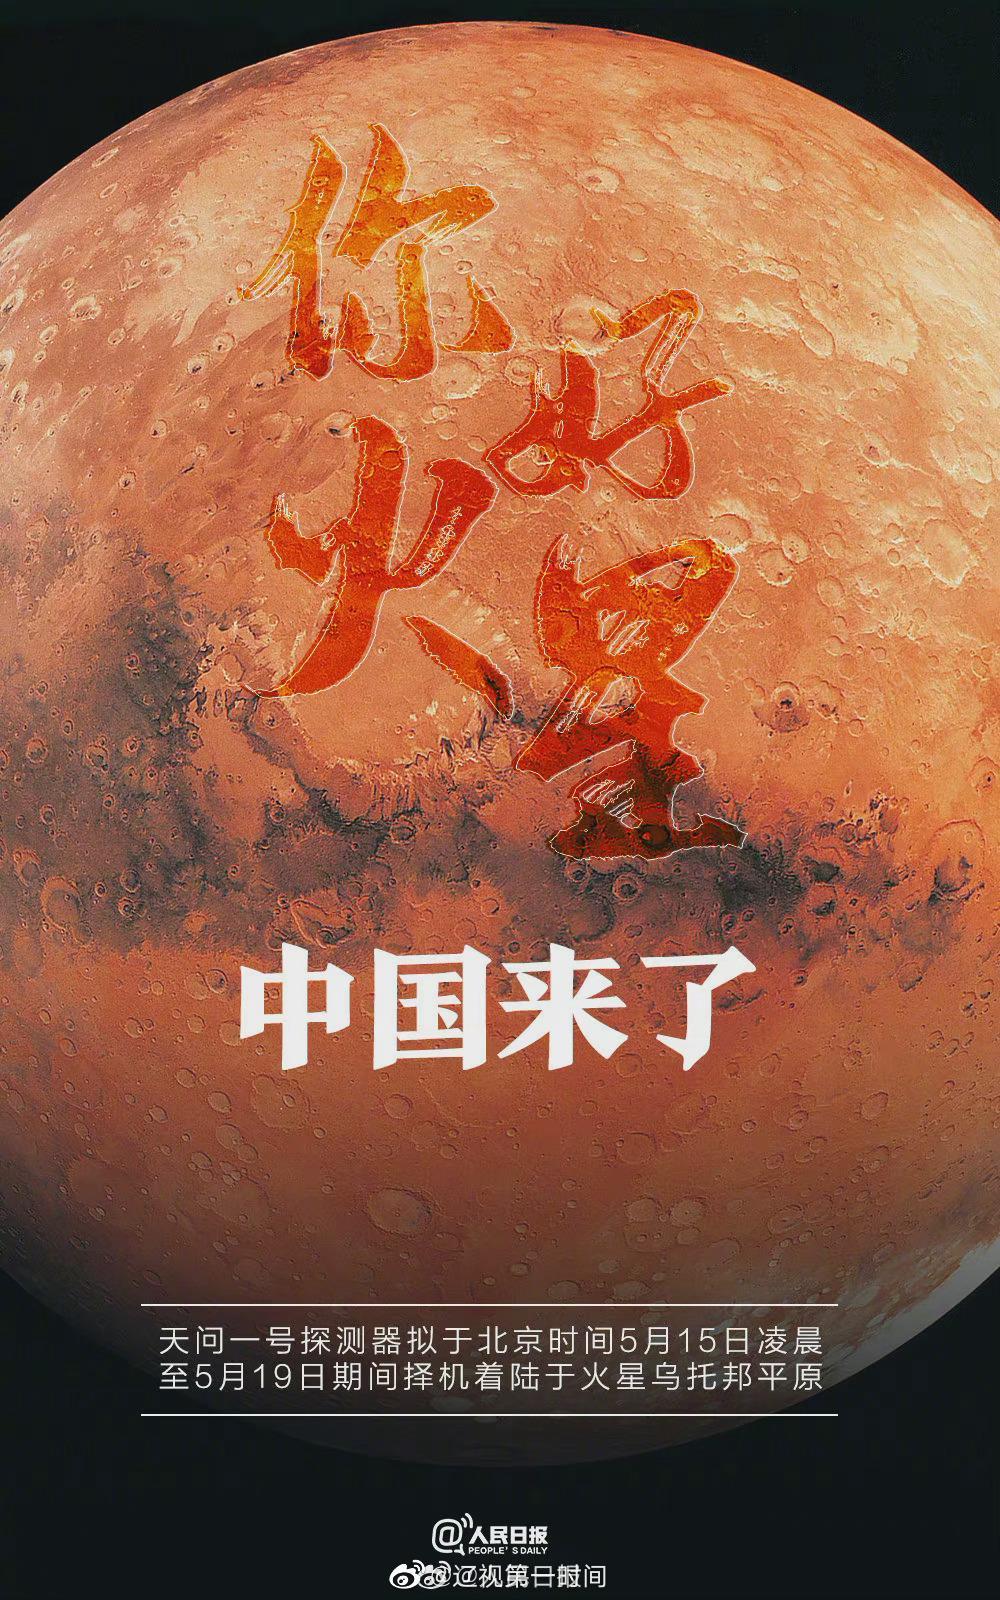 明日凌晨至5月19日期间,天问一号将择机着陆火星乌托邦平原……